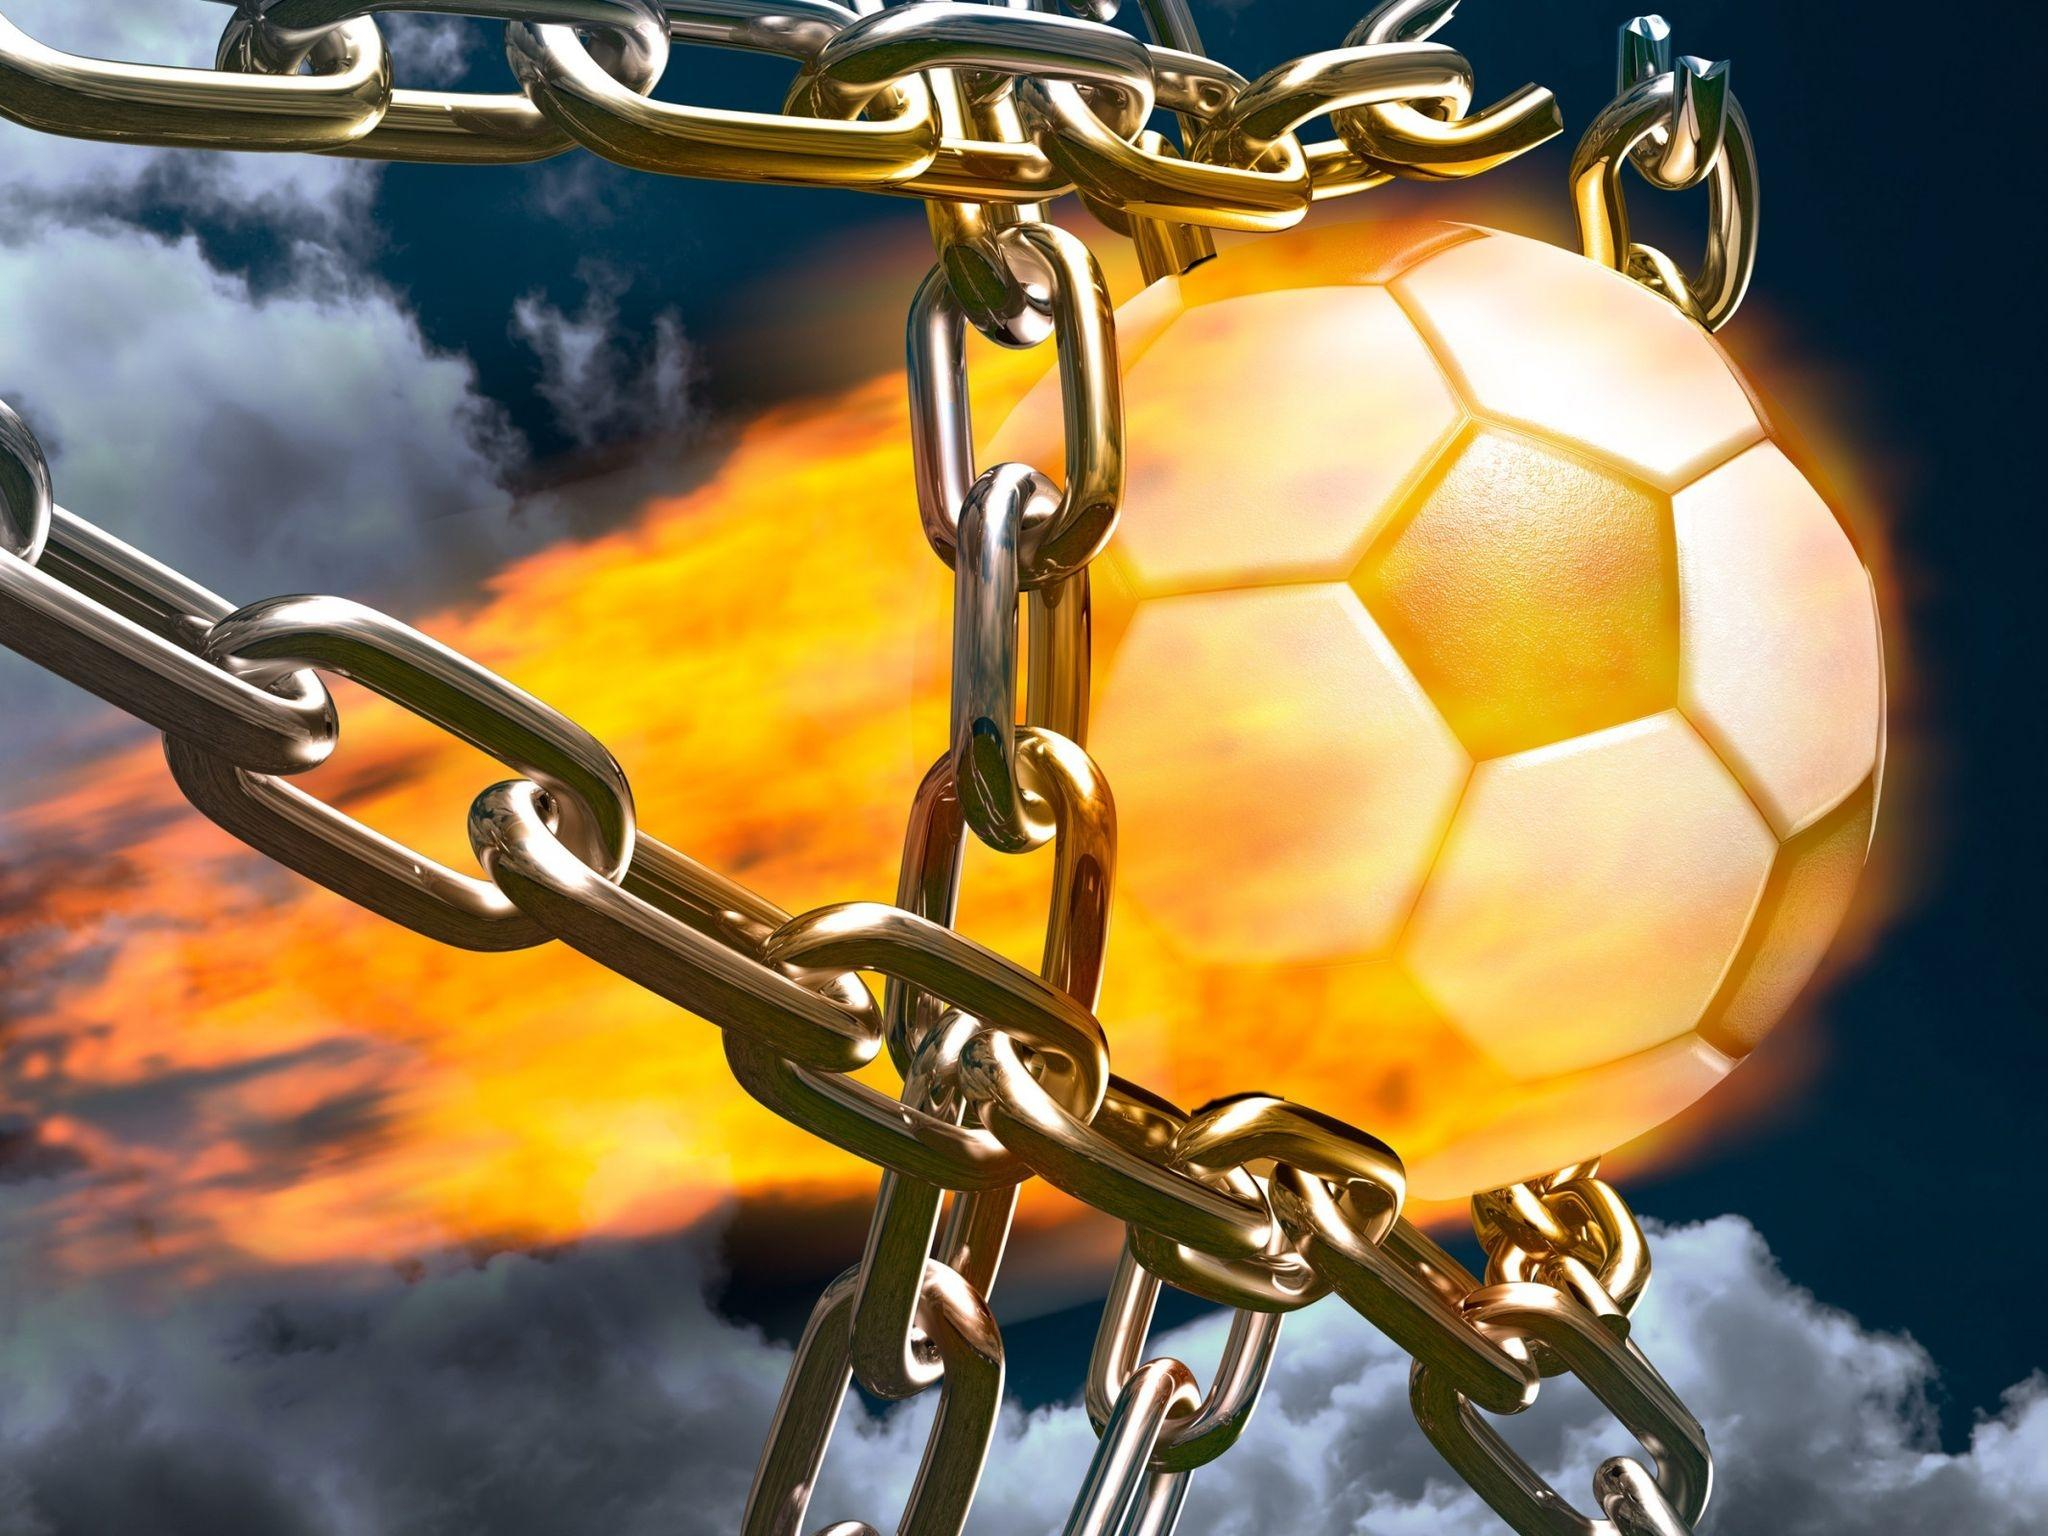 Огненный мяч  № 3150962 без смс